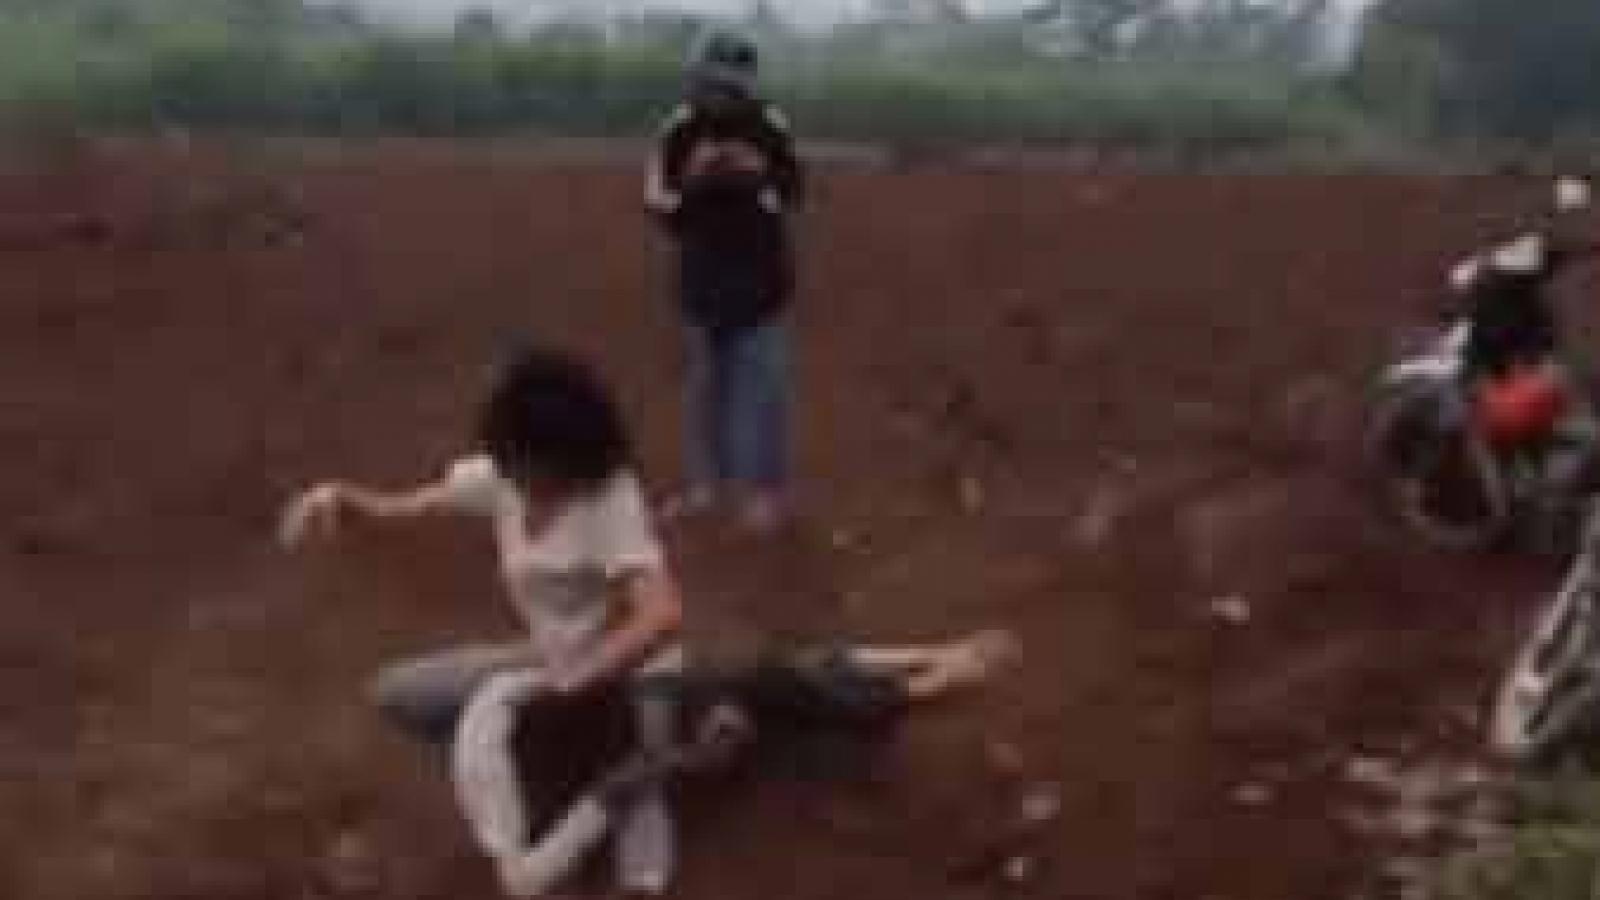 Làm rõ clip ghi lại cảnh hai nữ sinh lao vào đánh nhau quyết liệt